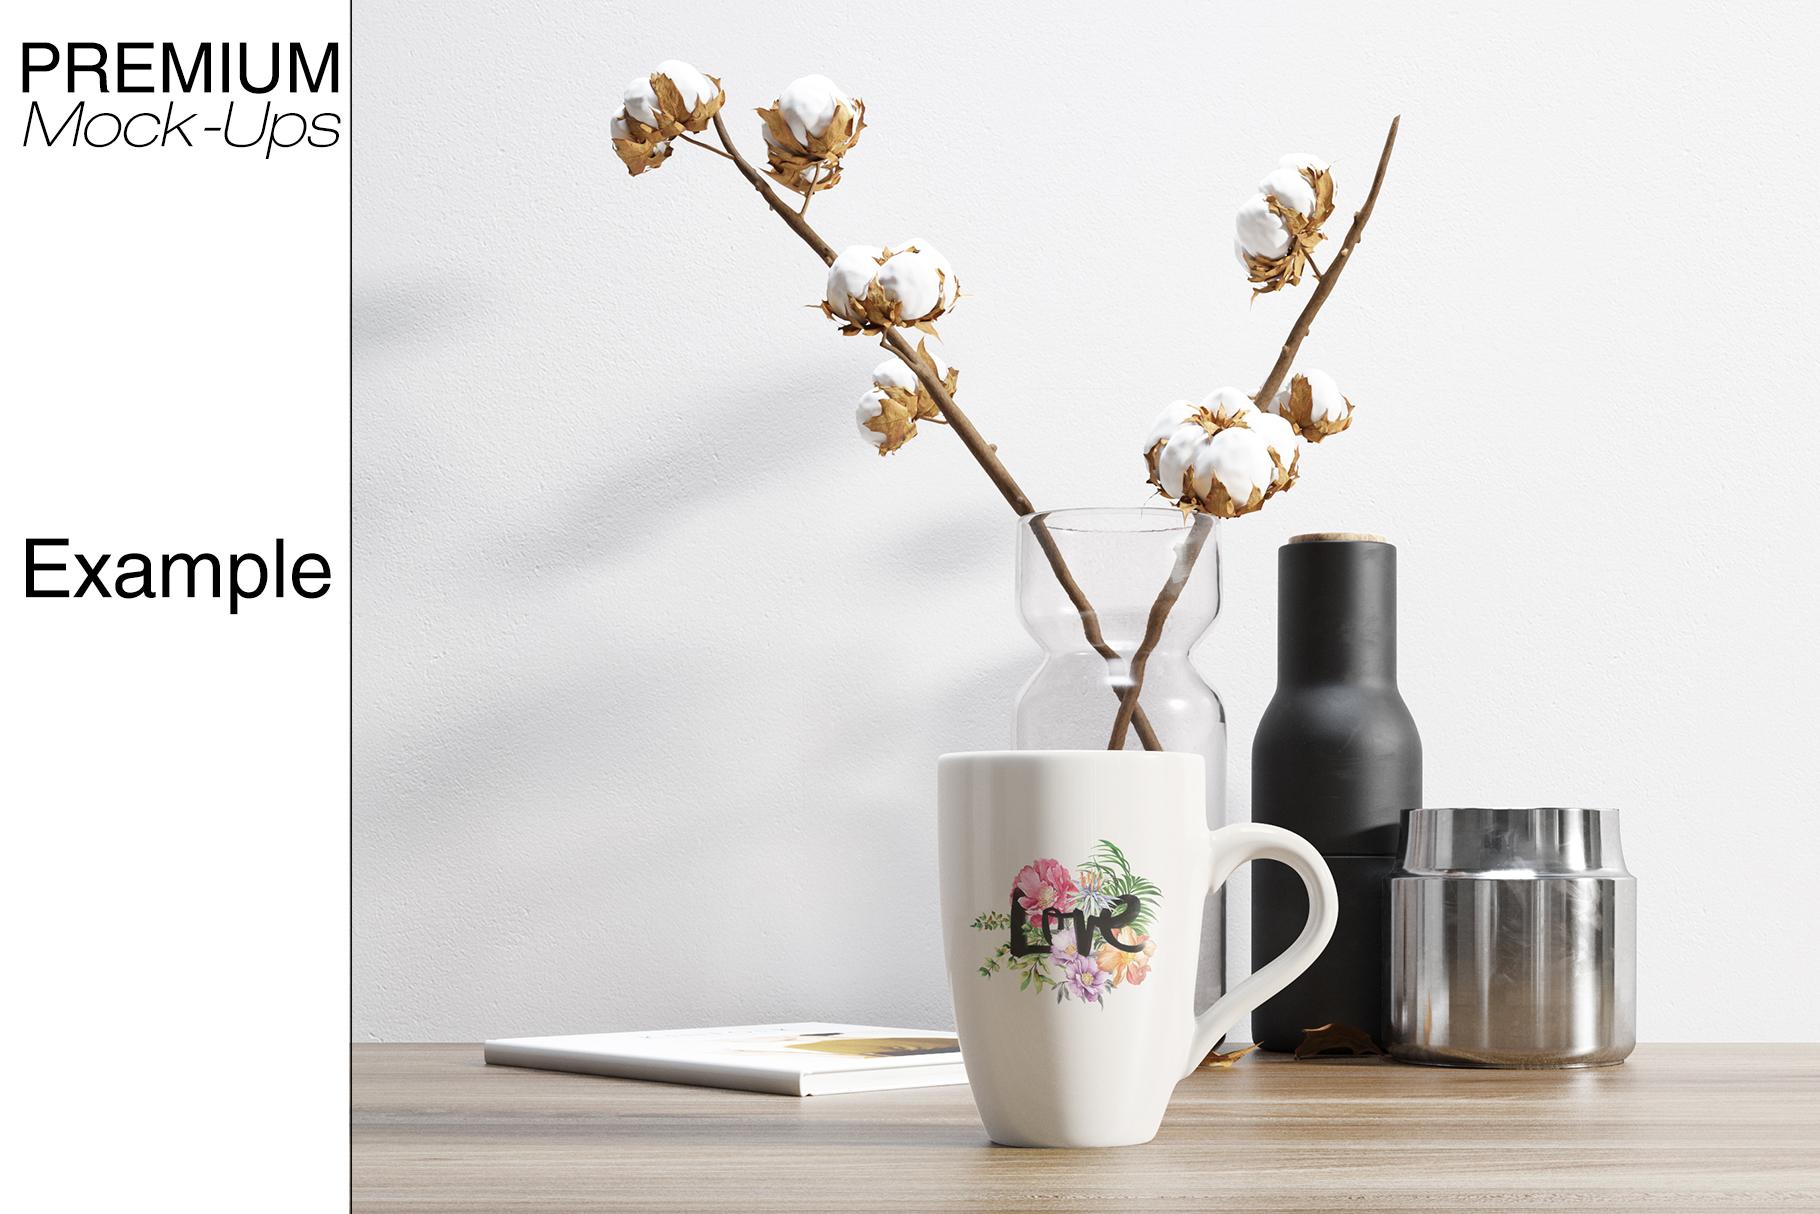 Mug Mockups - Many Shapes example image 2